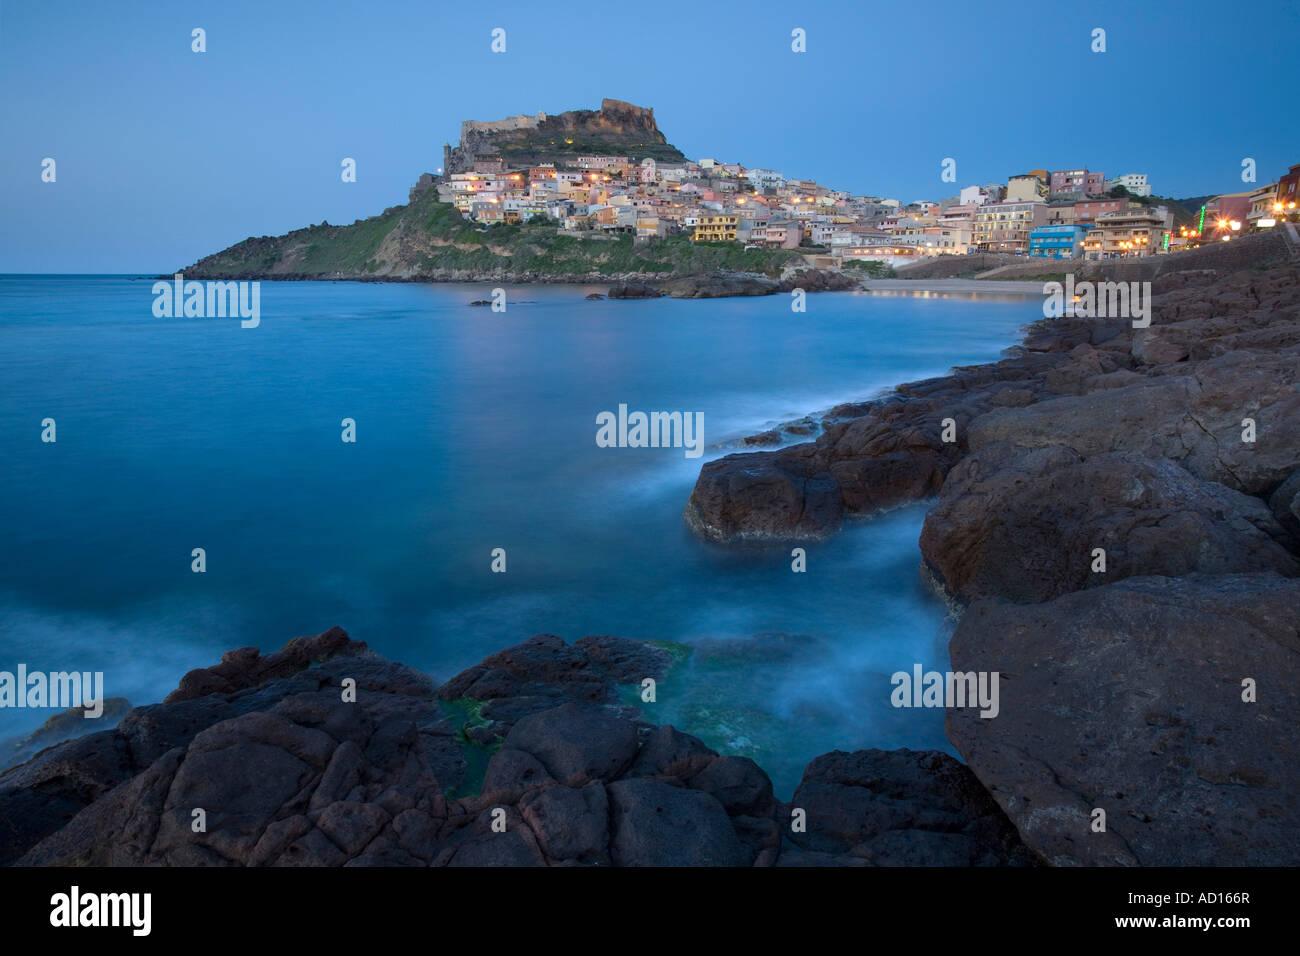 Castelsardo, Sardinia, Italy - Stock Image